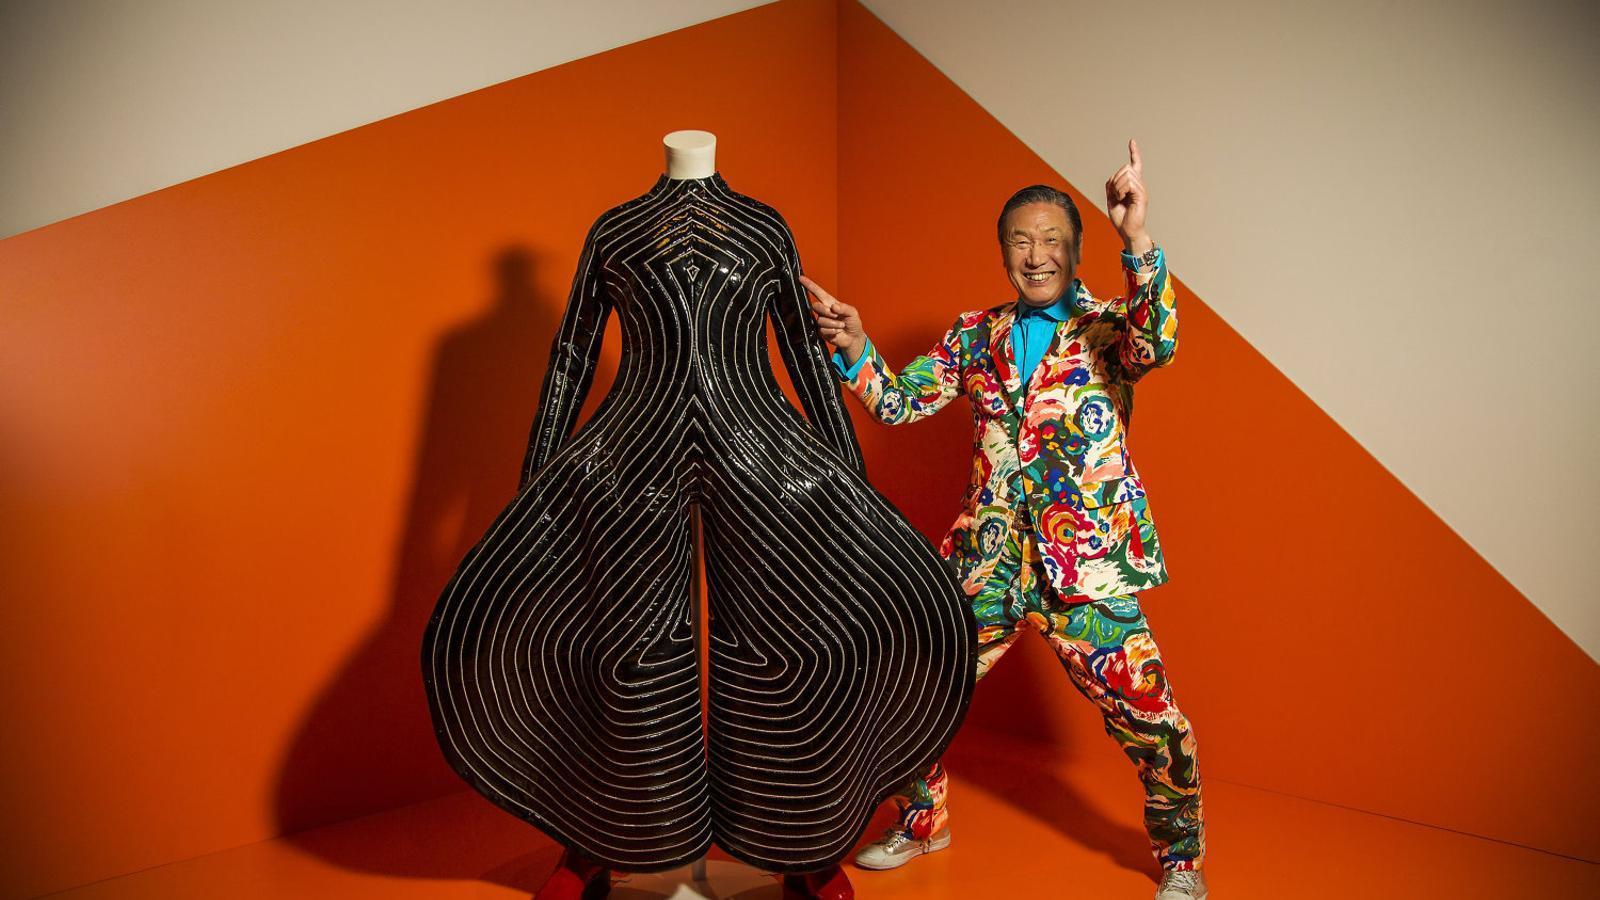 Yamamoto explica que de tots els conjunts que va dissenyar per a Bowie, el que més li agrada és la granota negra xarolada de camals extravagants que va portar el cantant a la gira Aladdin Sane / FERRAN FORNÉ